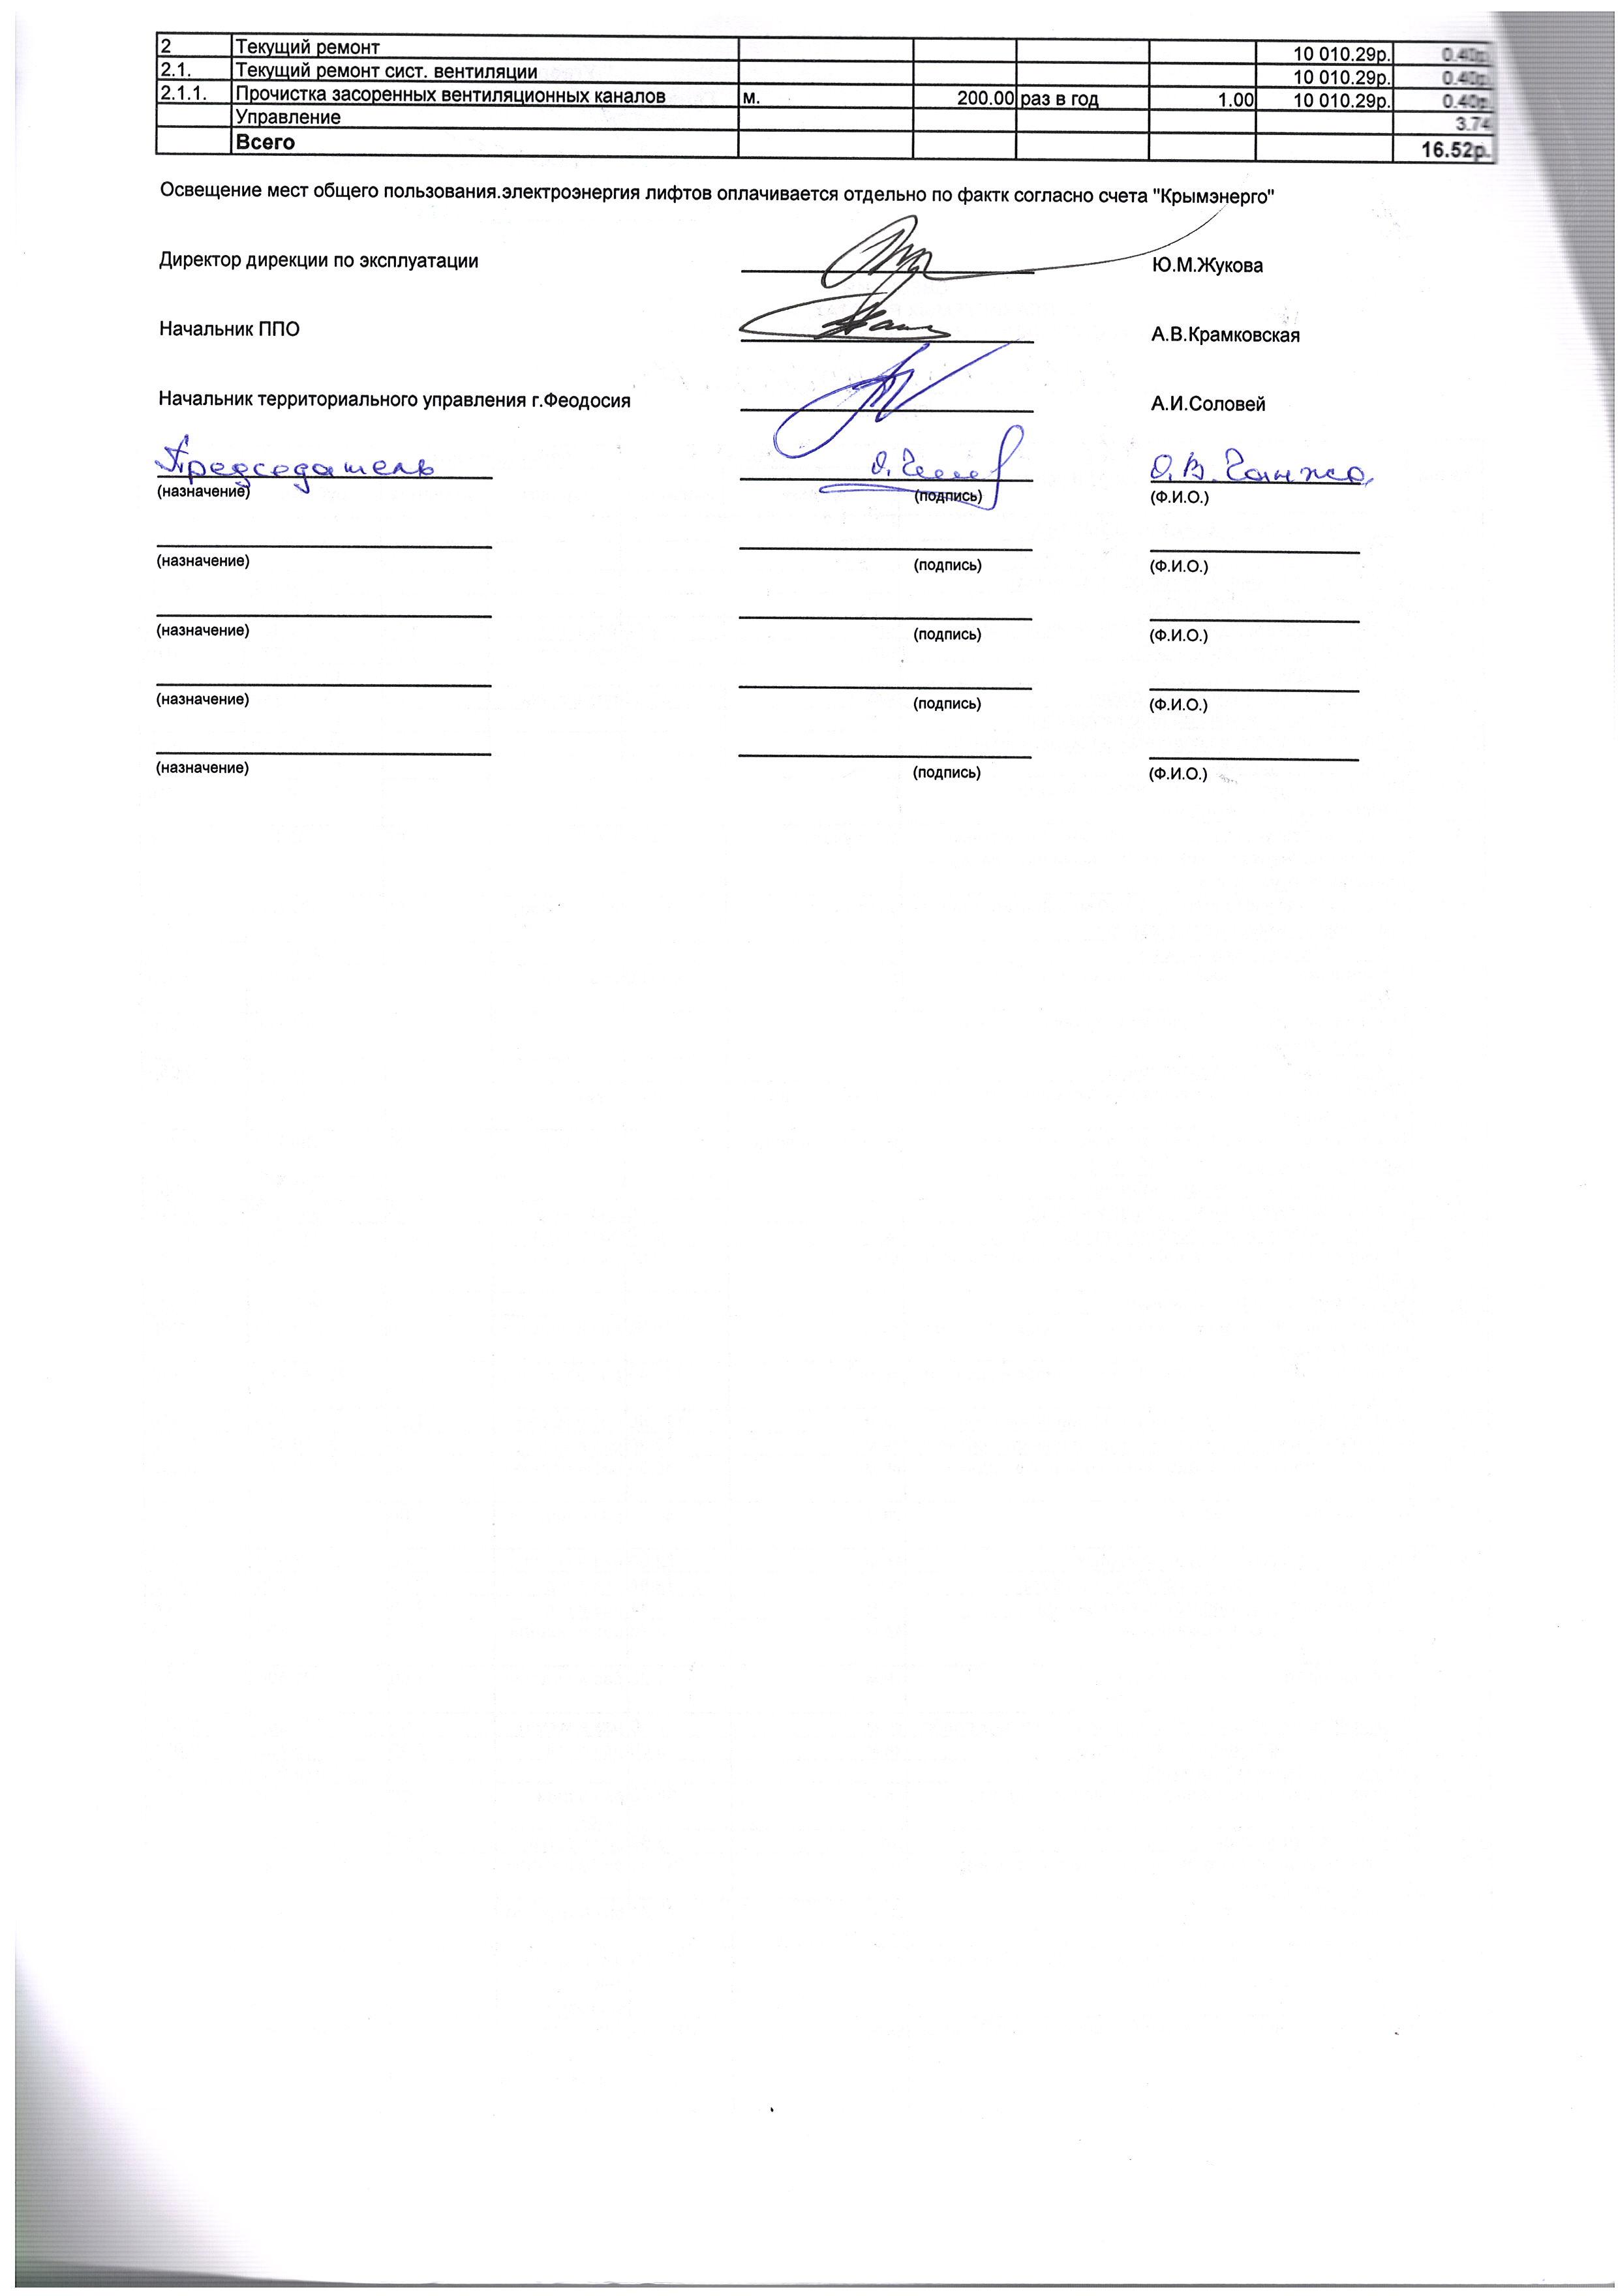 Коробкова 14А (с.2)